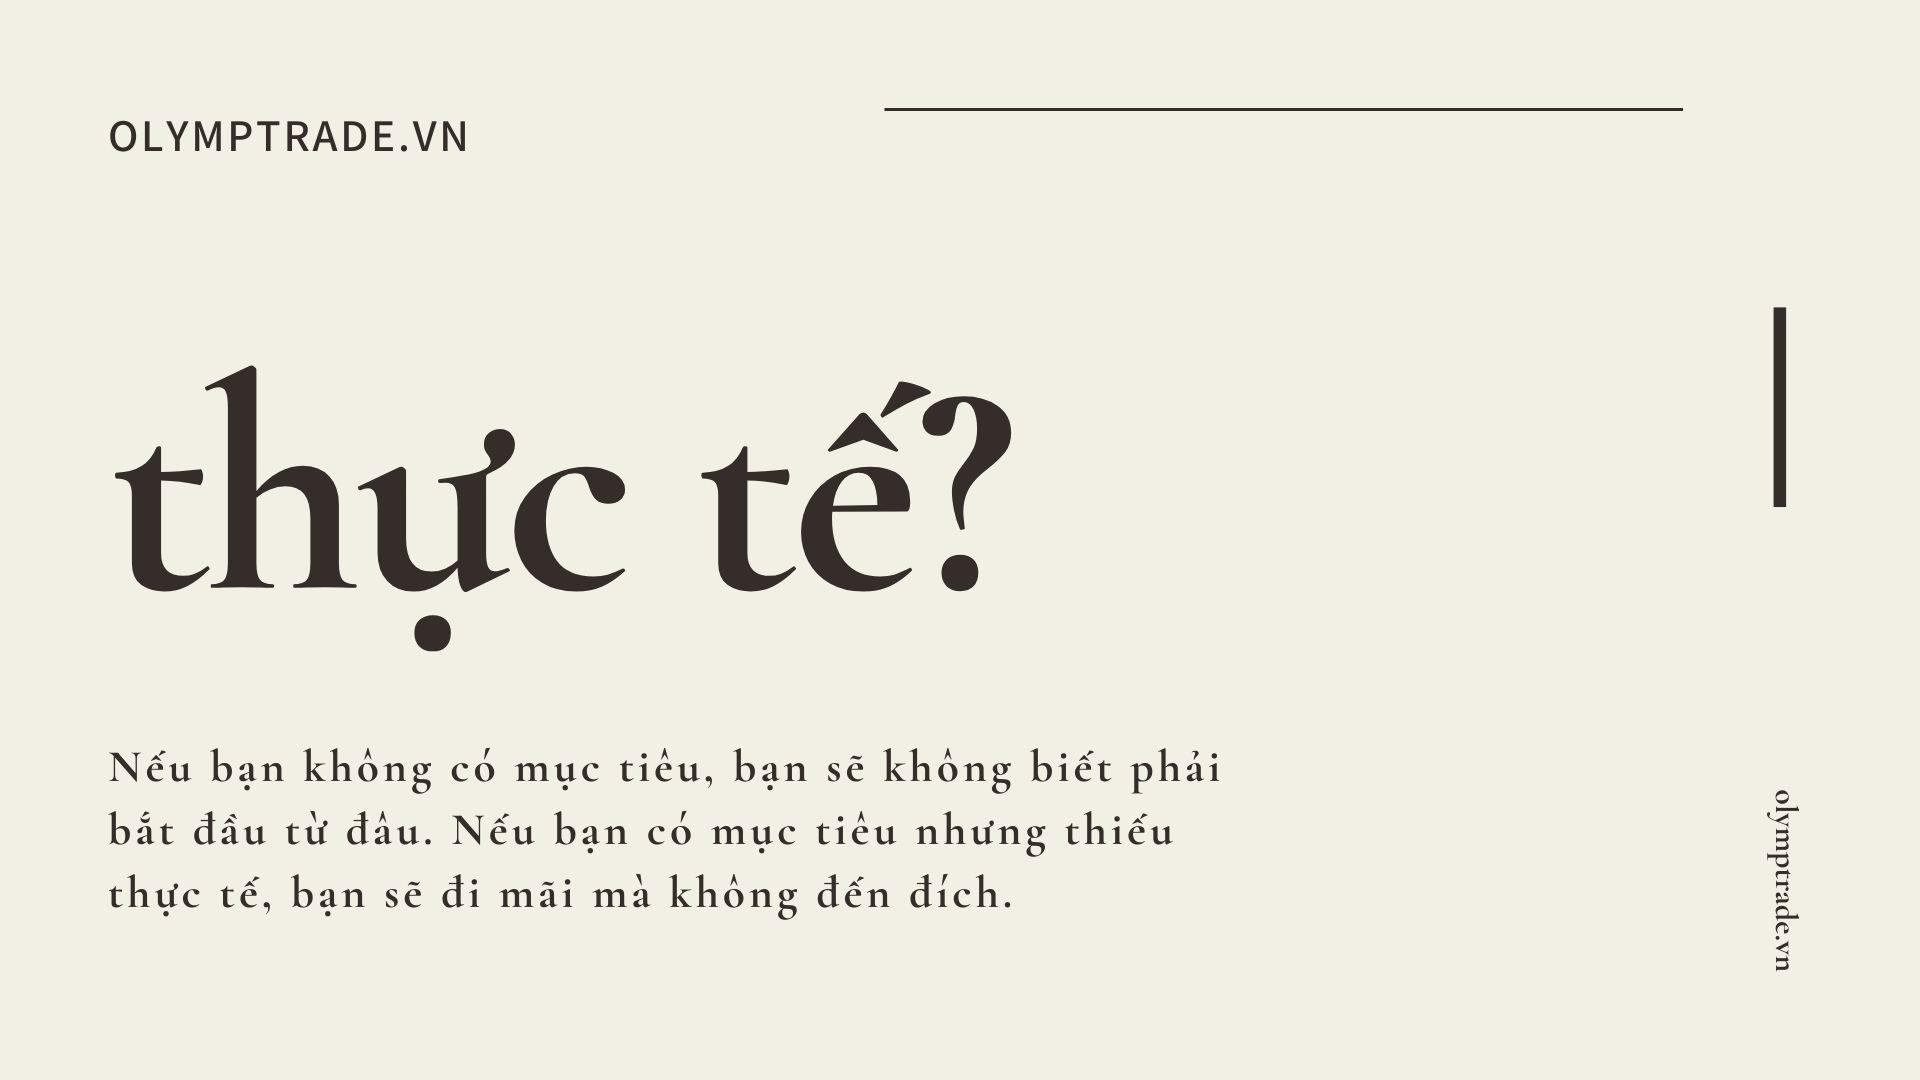 Muc-tieu-loi-nhuan-forex-cua-ban-co-thuc-te-khong